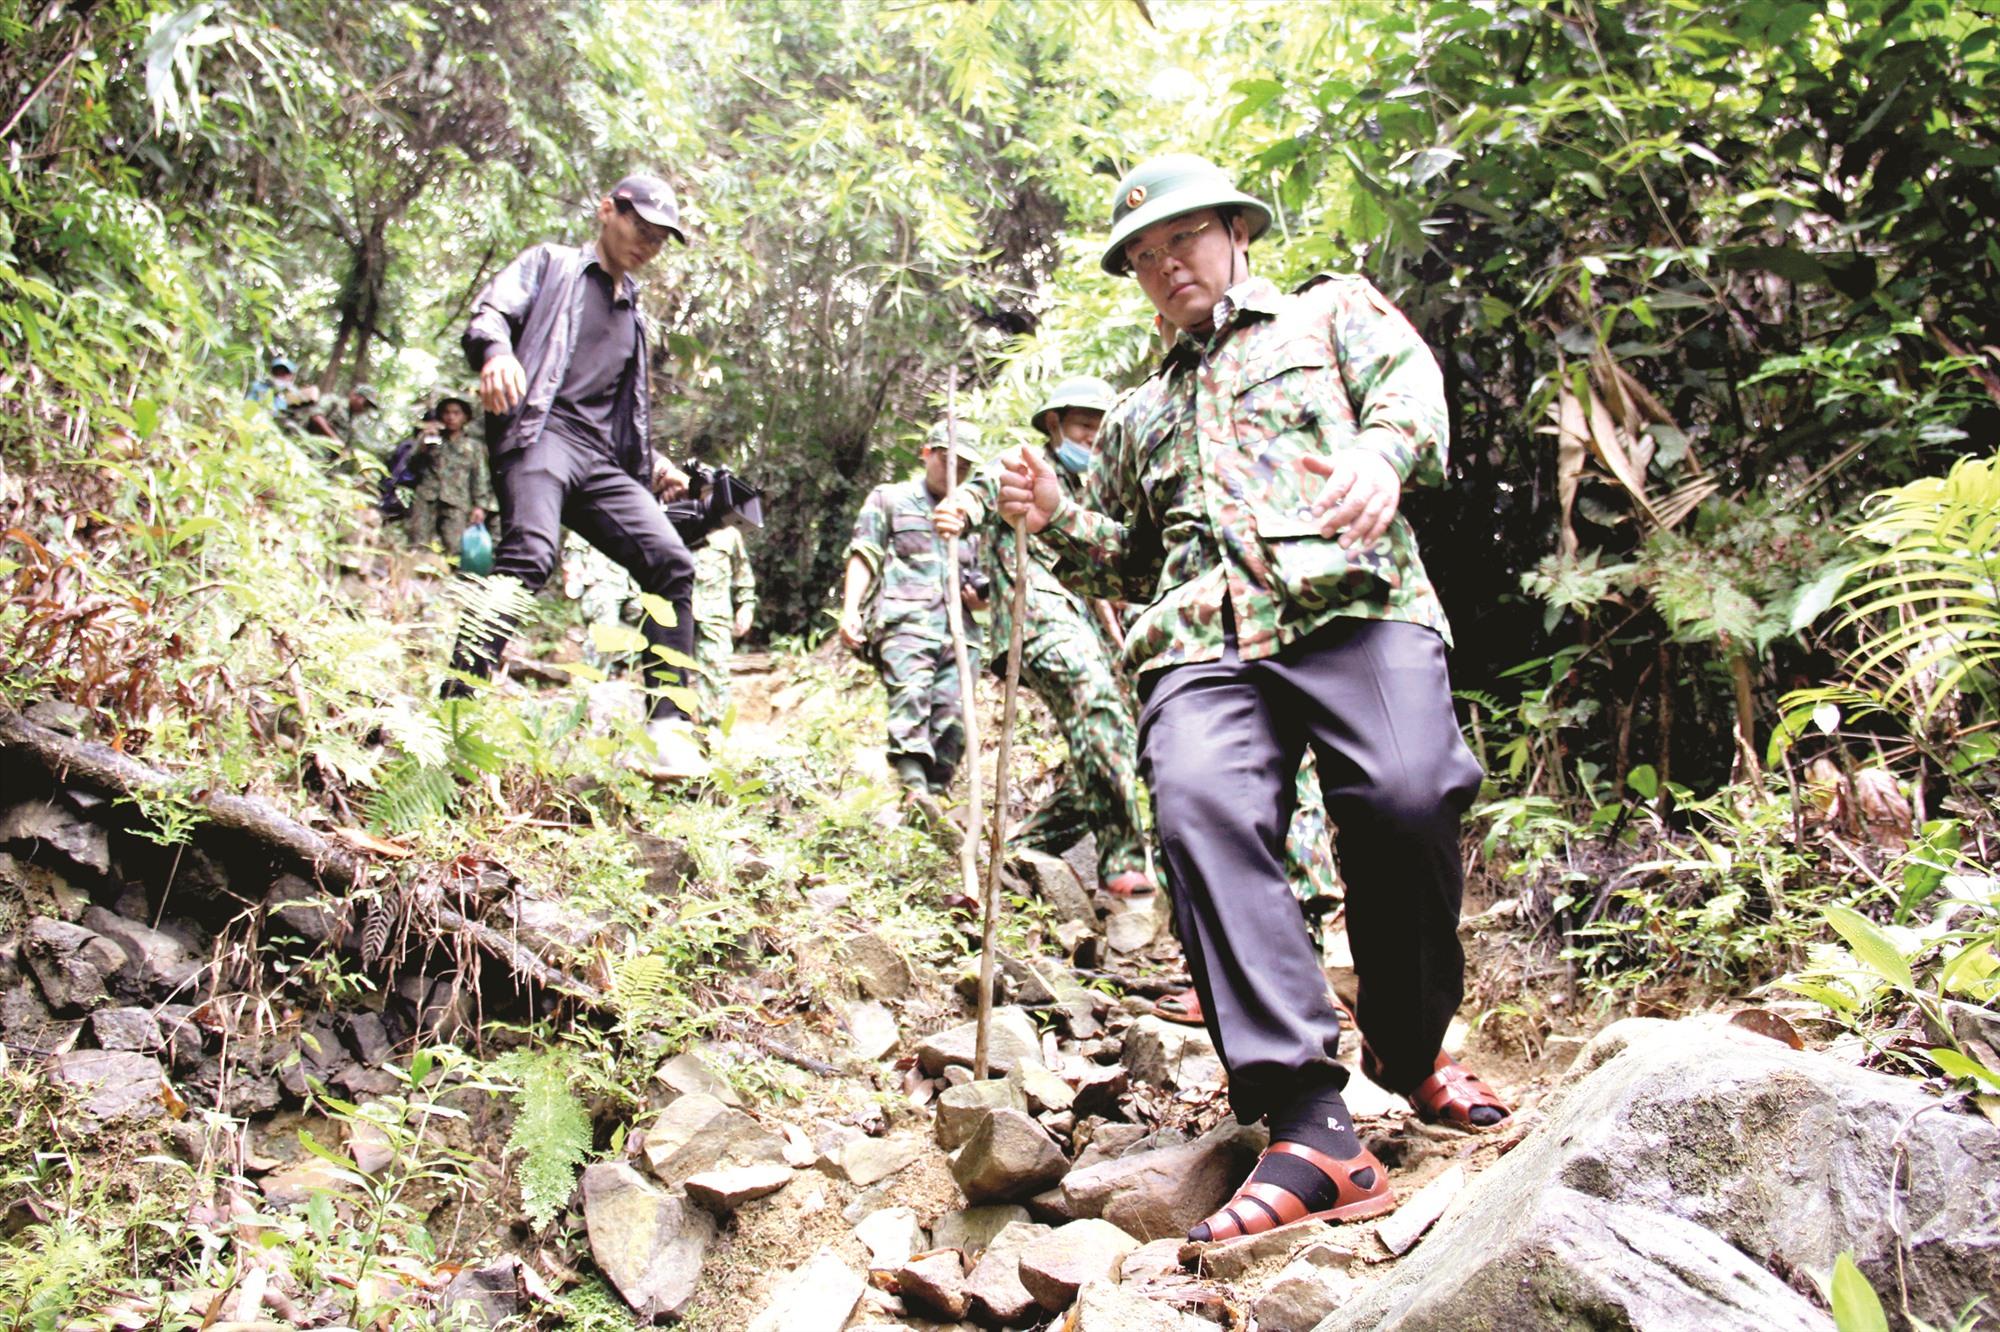 Chủ tịch UBND tỉnh Lê Trí Thanh vượt rừng thăm, kiểm tra các chốt kiểm soát phòng chống dịch dọc tuyến biên giới Quảng Nam - Sê Kông (Lào). Ảnh: AlĂNG NGƯỚC